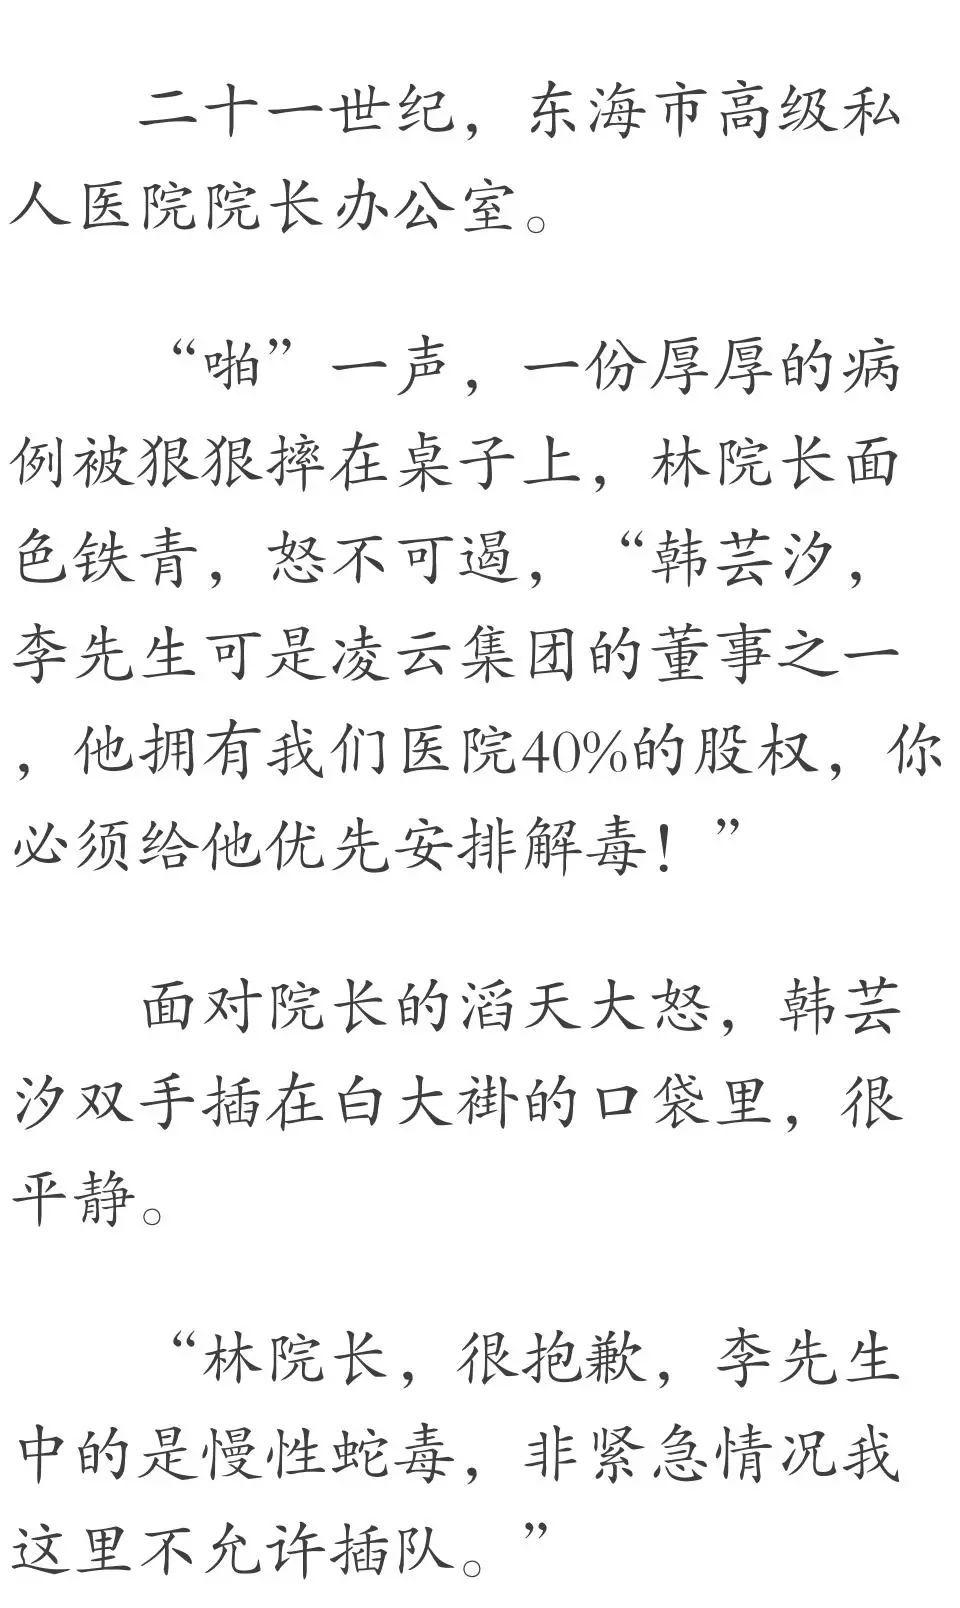 宁远县泠江市场菜